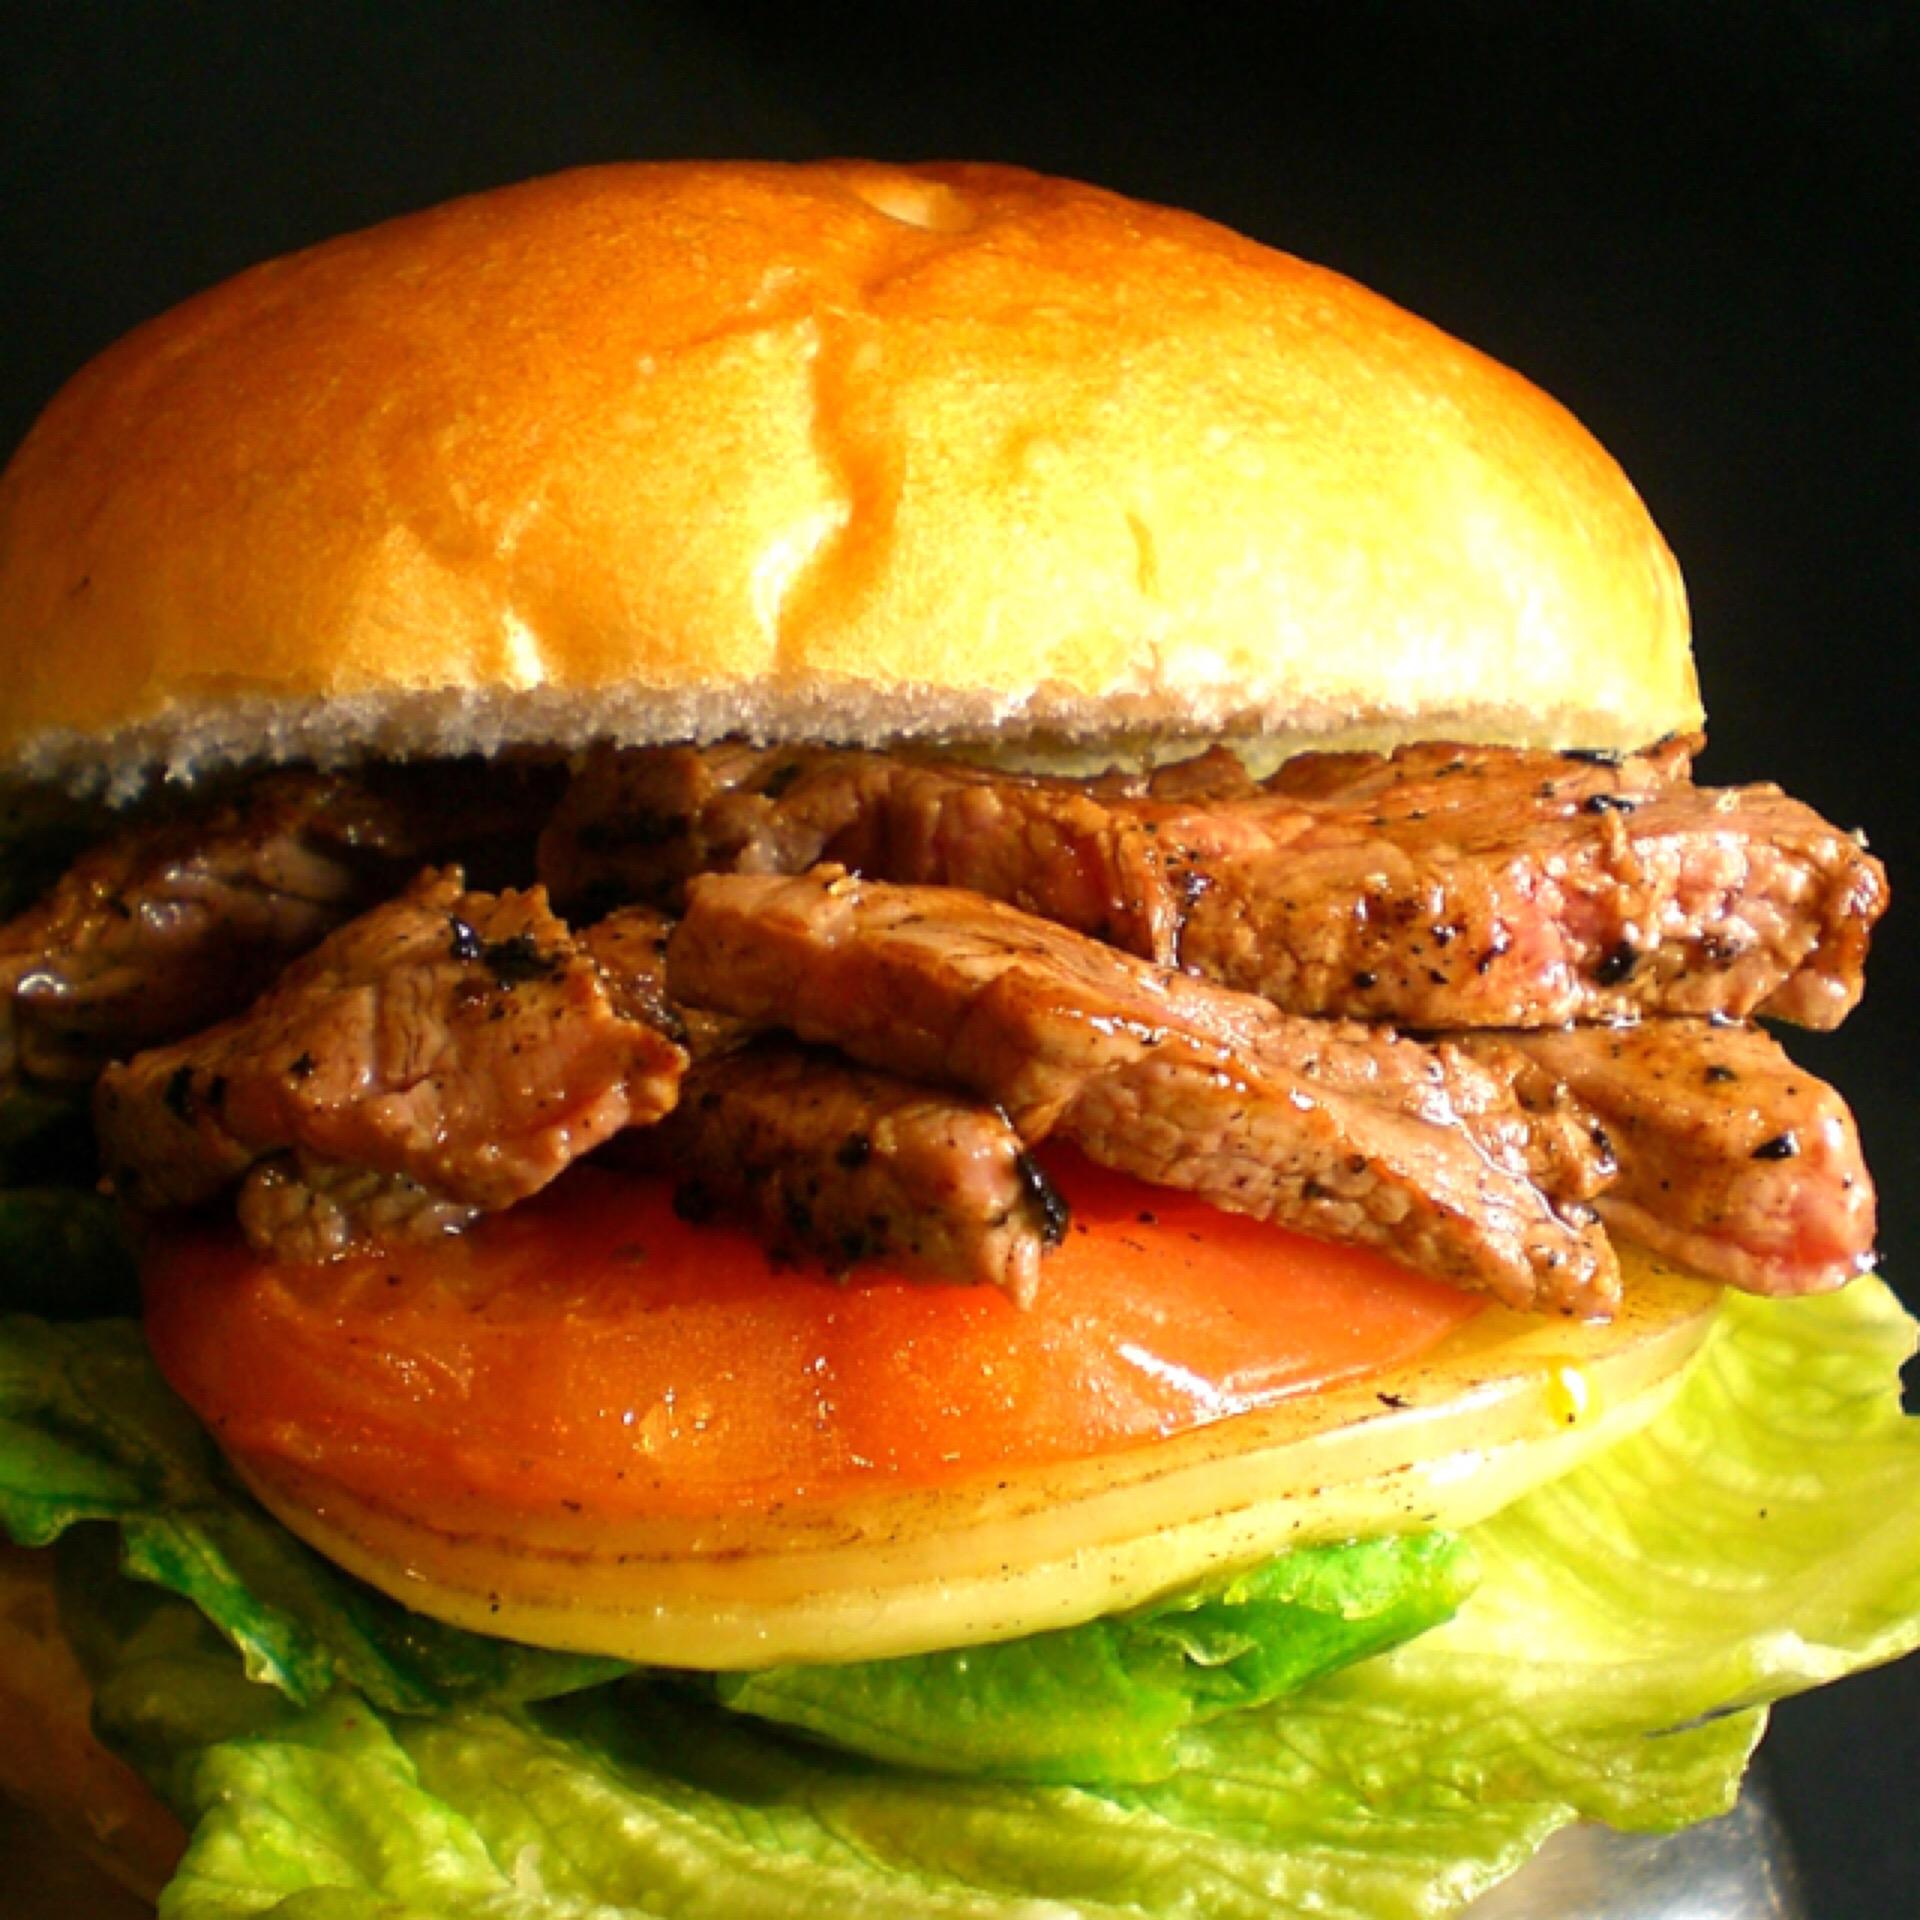 フレッシュ野菜に肉汁たっぷりの神戸牛ステーキを挟んだ神戸牛ステーキバーガー